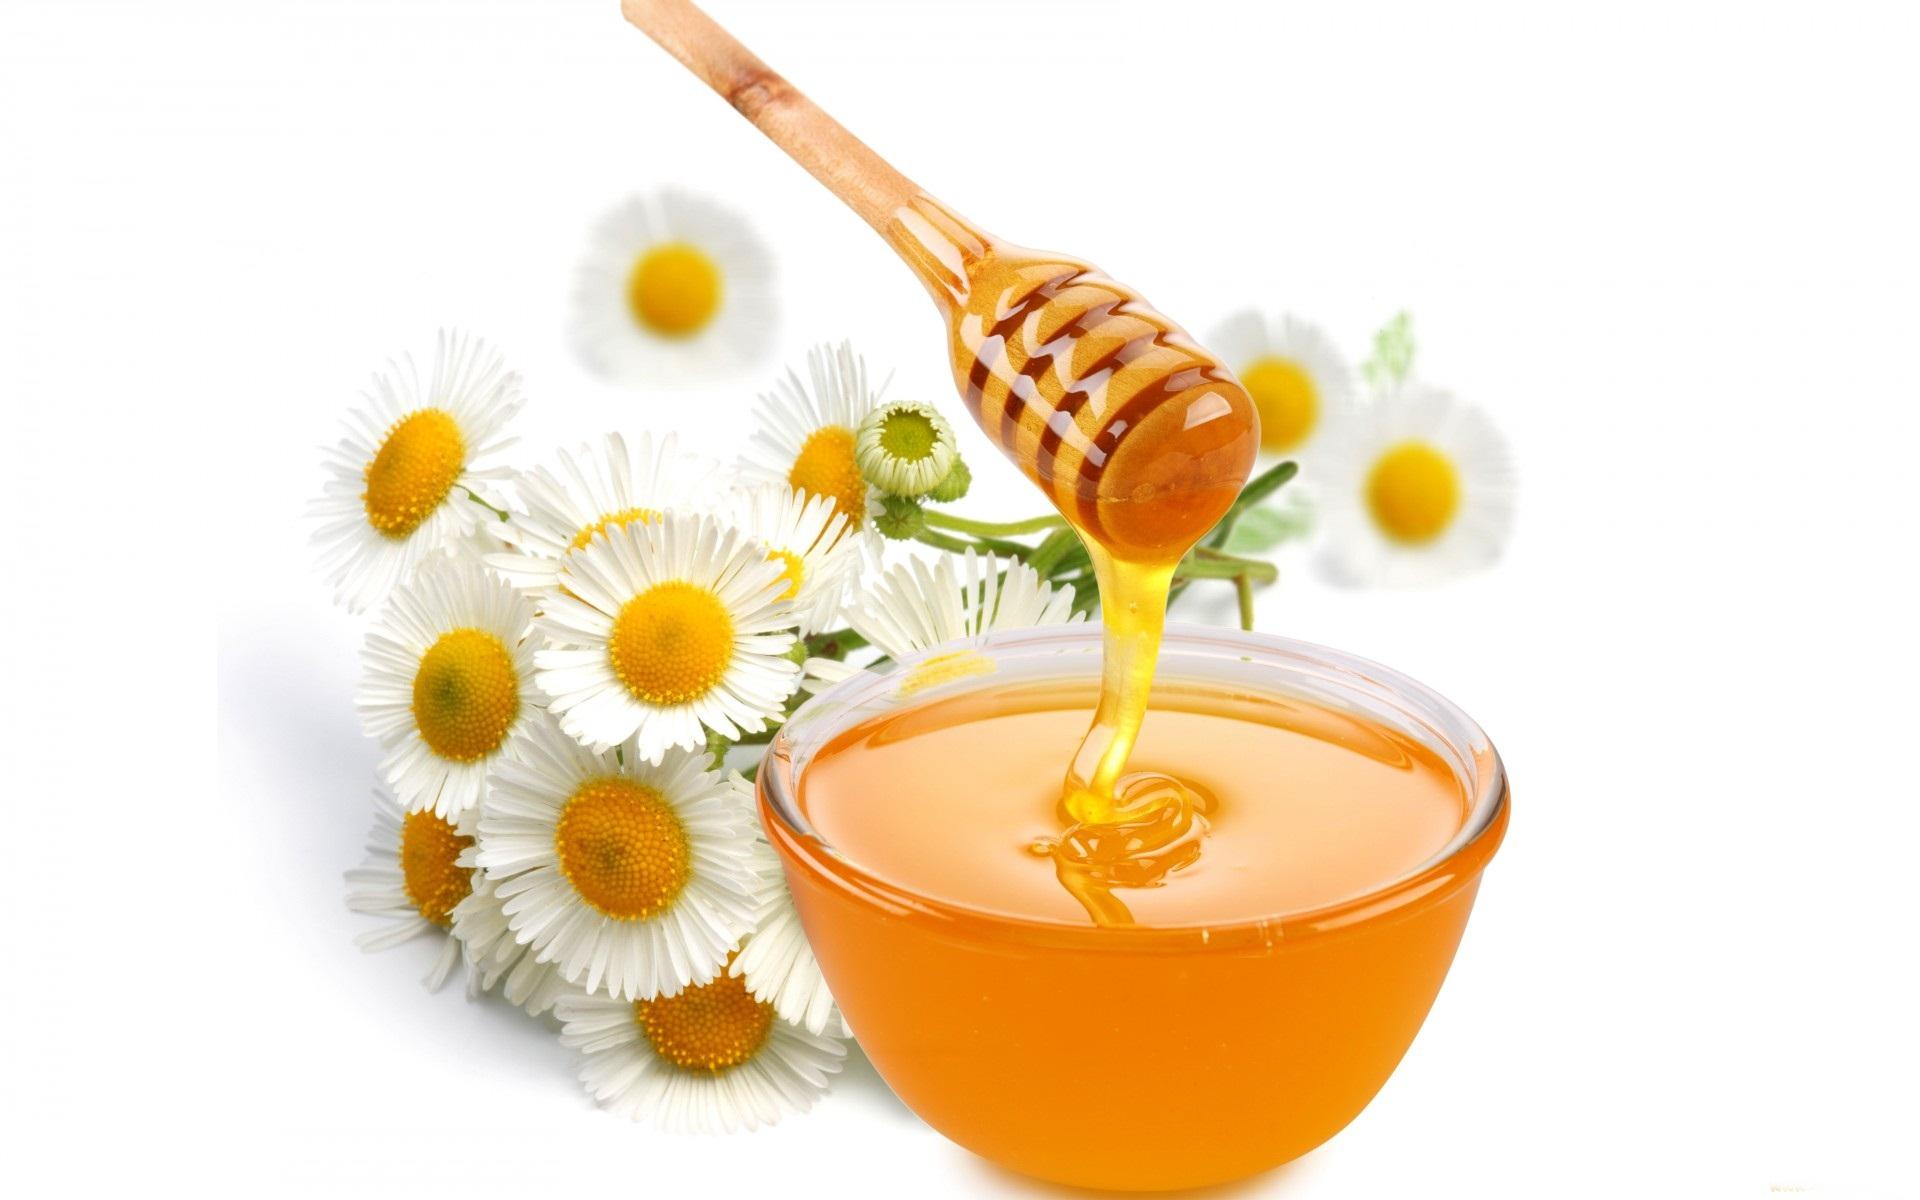 2.Cách làm mặt nạ mật ong trị mụn cực kì đơn giản